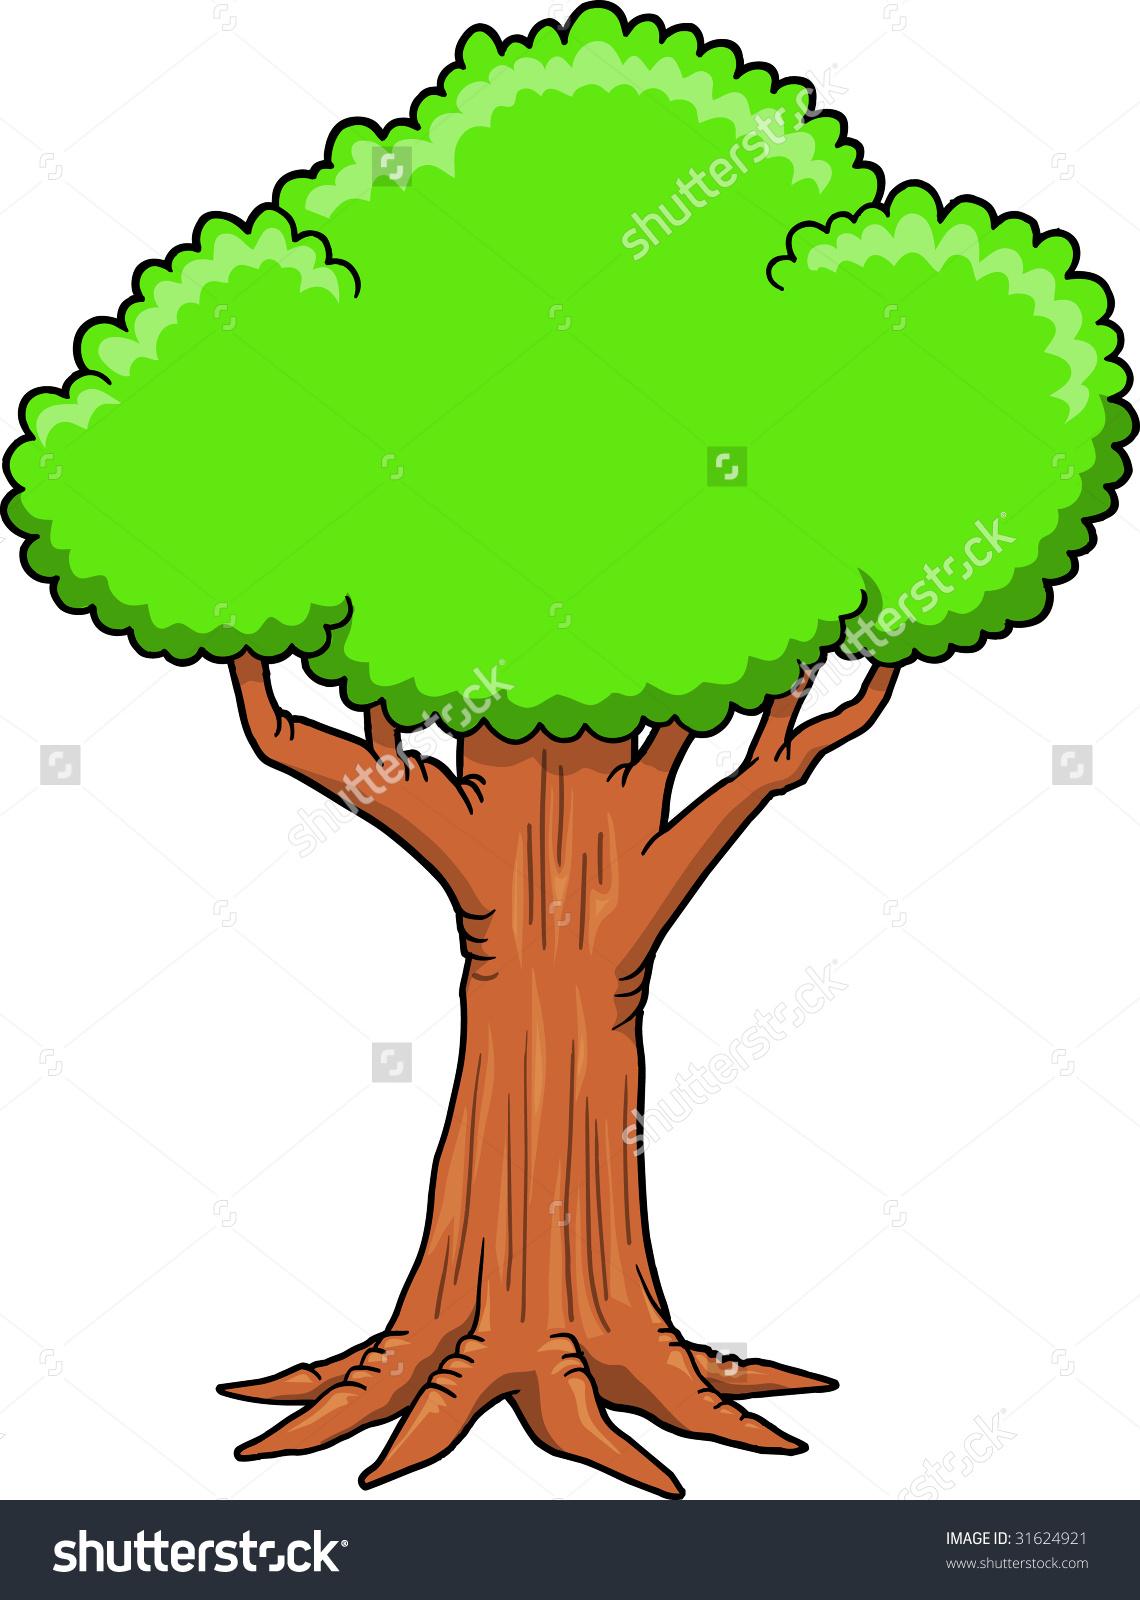 Big Tree Vector Illustration Stock Vector 31624921.